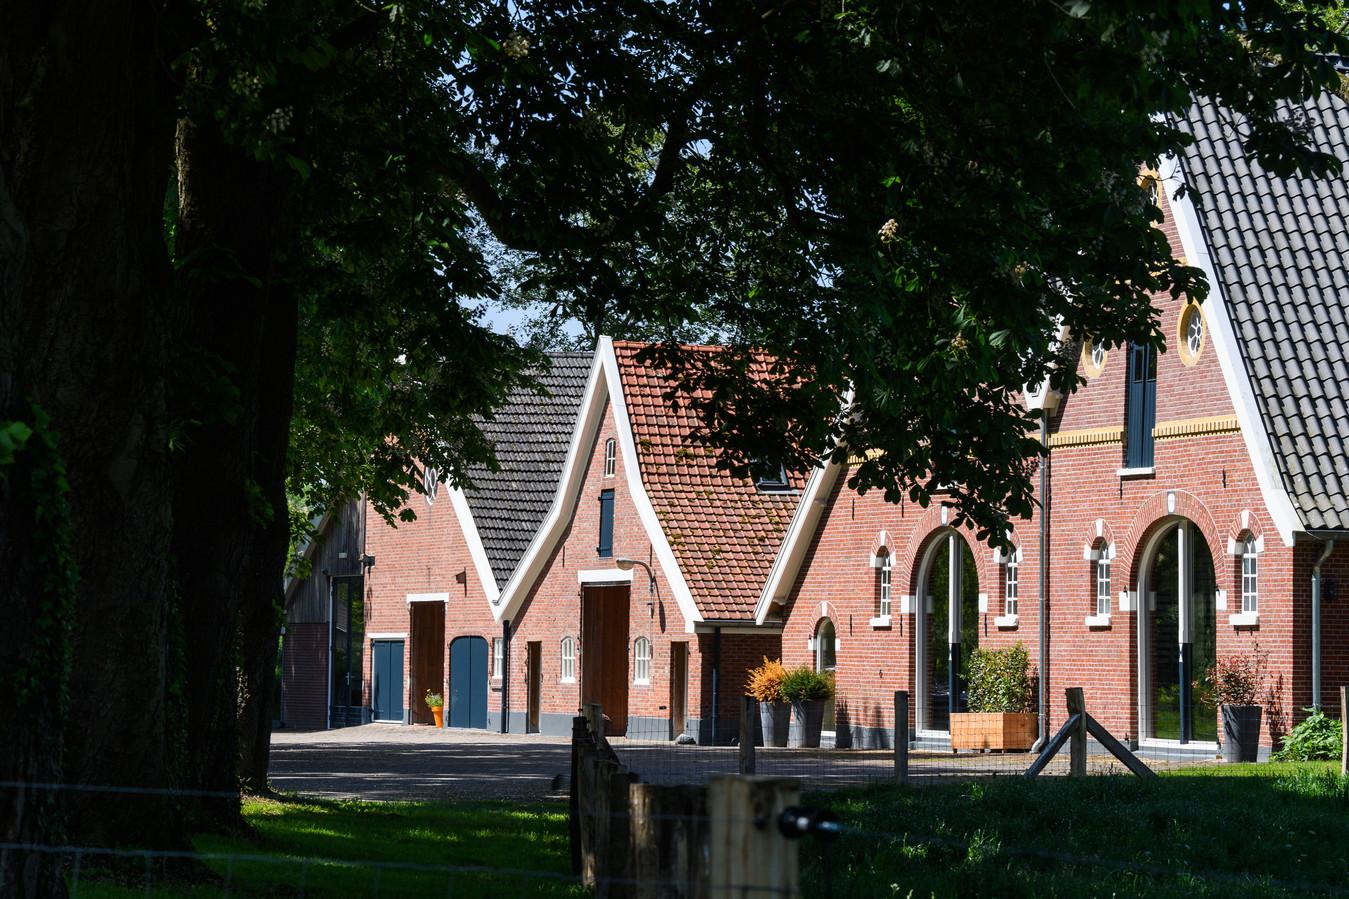 Erve Elkeman is een oud boerenerf dat opgaat in het nieuwe Landgoed Hof van Twekkelo.